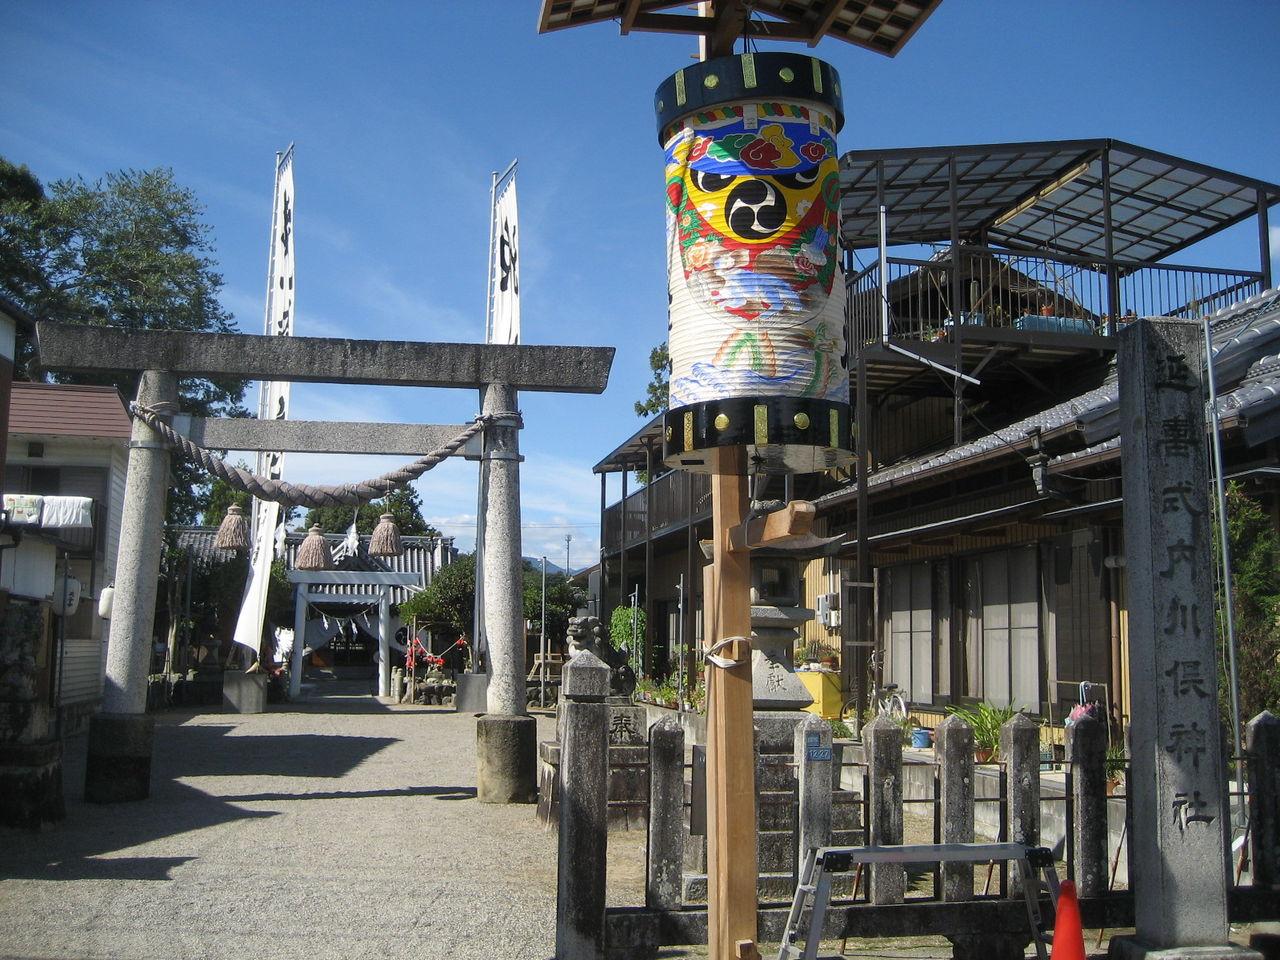 井田川駅~ | 不妊|鍼灸|大阪|卵子の質|鍼灸治療は三ツ川レディース鍼灸院